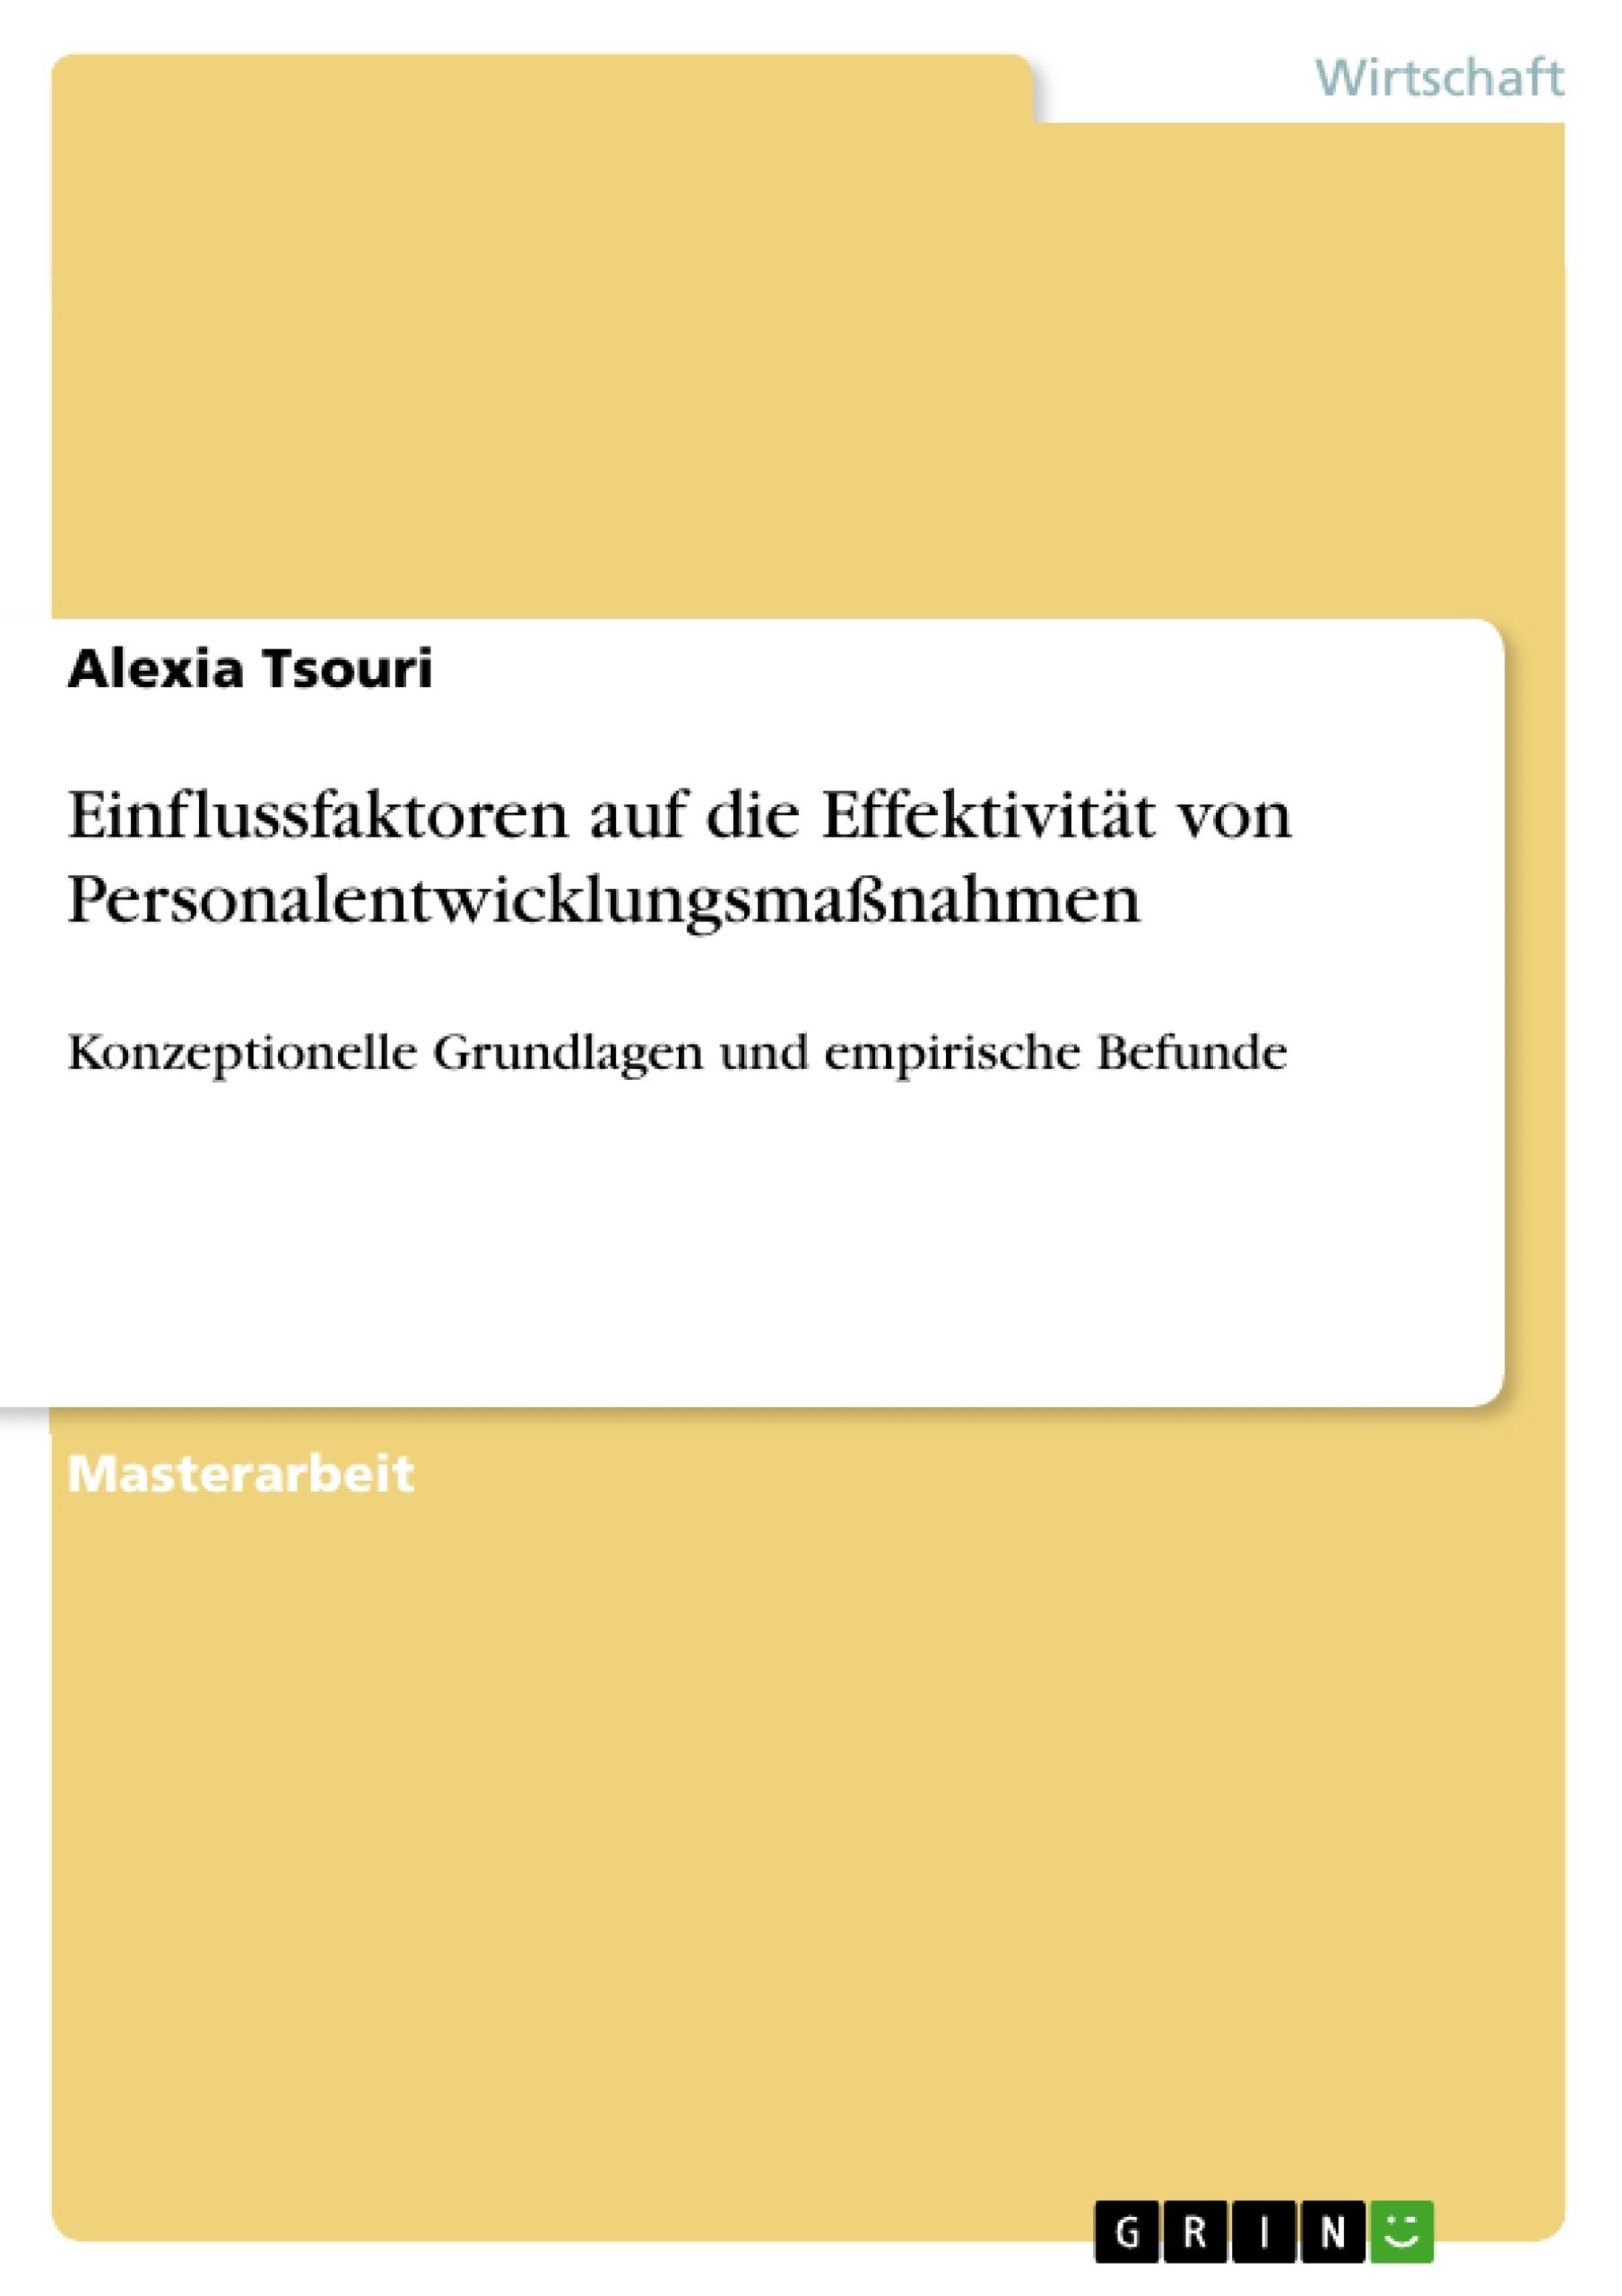 Titel: Einflussfaktoren auf die Effektivität von Personalentwicklungsmaßnahmen